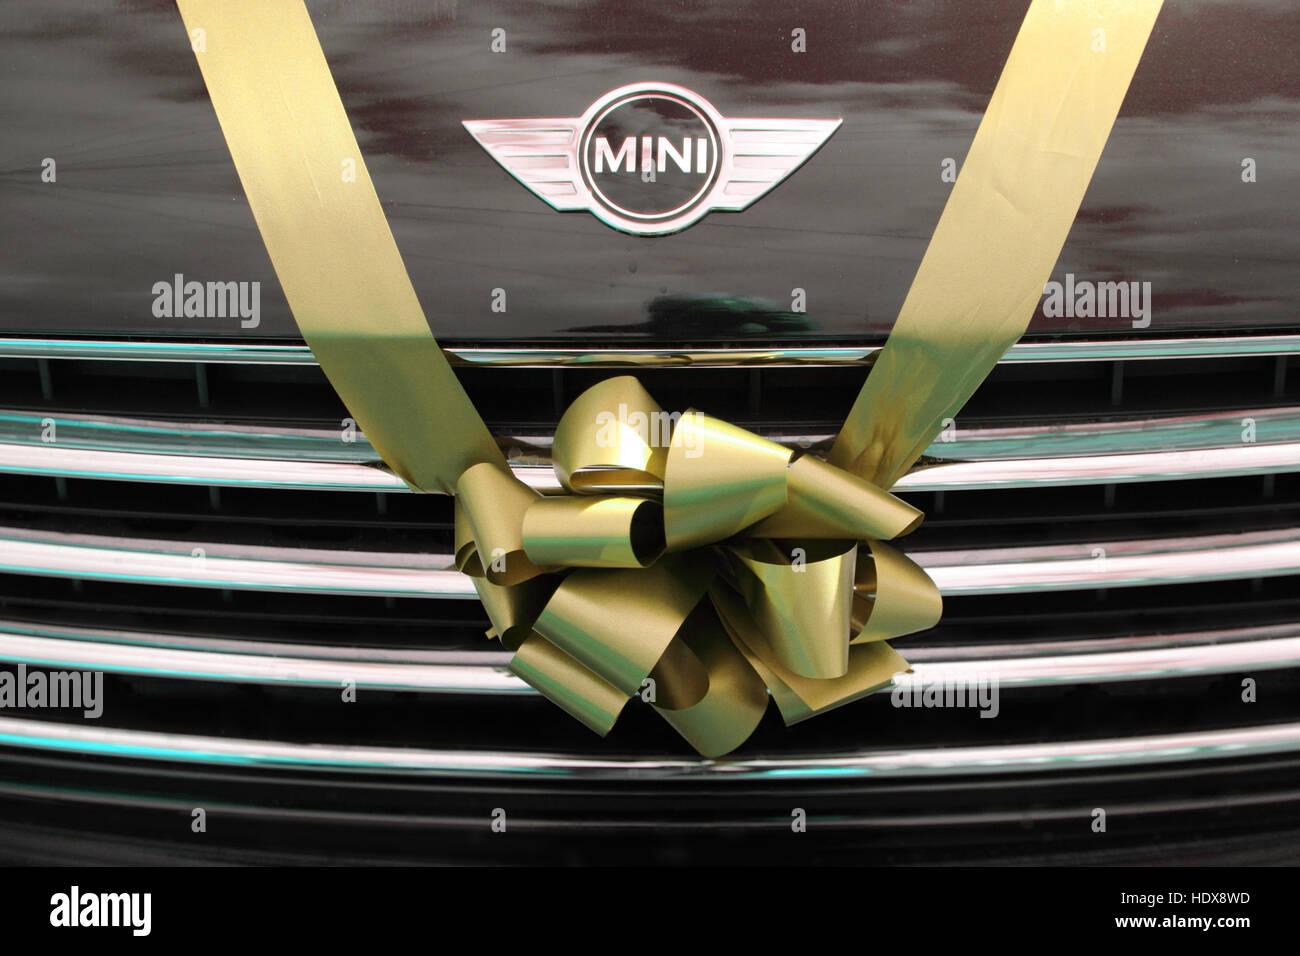 BMW Mini utilisé comme voiture de mariage, attachés avec un ruban jaune d'or et bow sur la calandre. Photo Stock